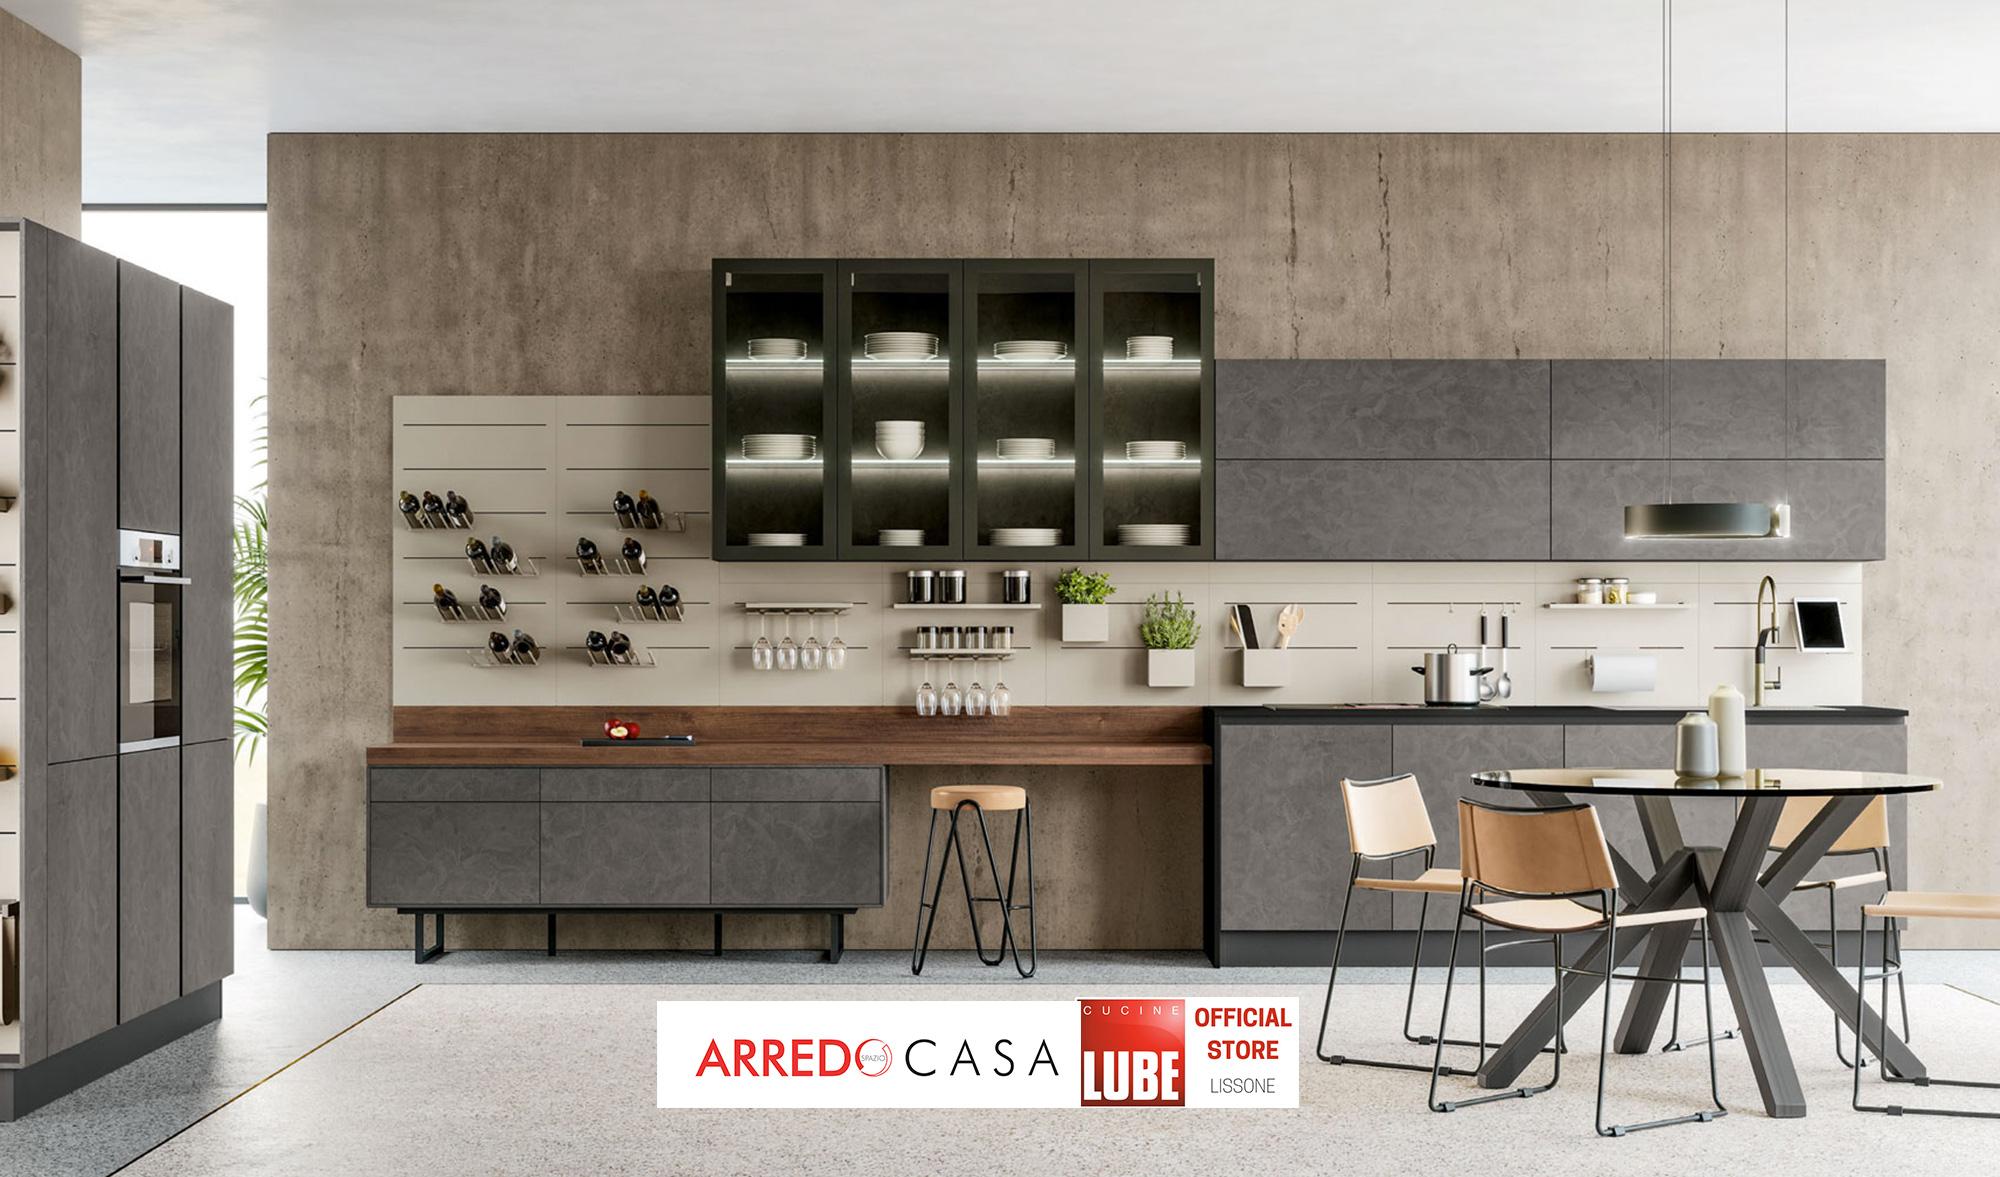 Mobili E Accessori Lissone arredospaziocasa lissone - showroom mobili - centro cucine lube